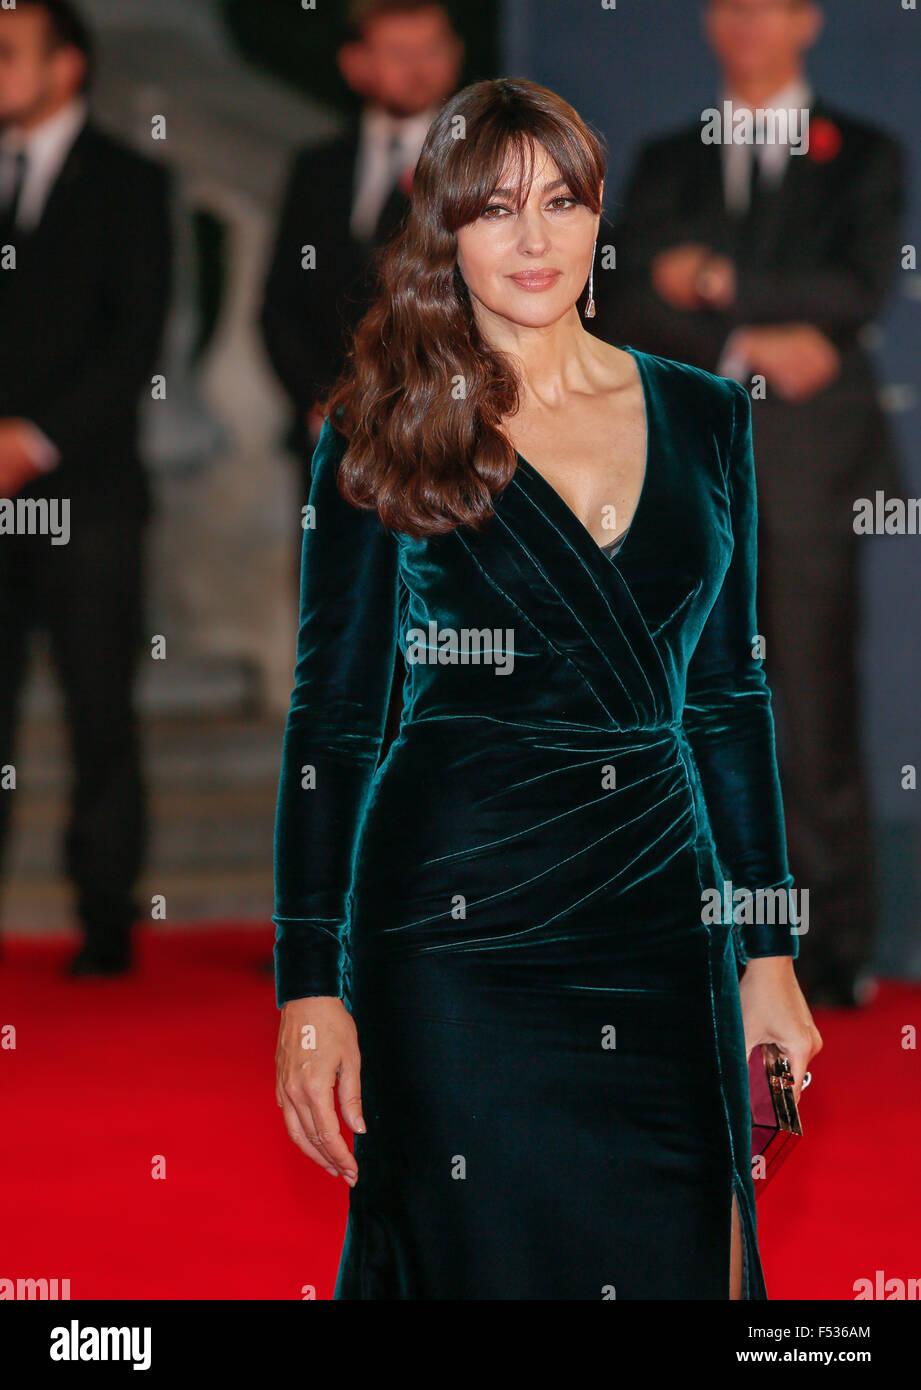 London, Britain  26th Oct, 2015  Italian actress/cast member